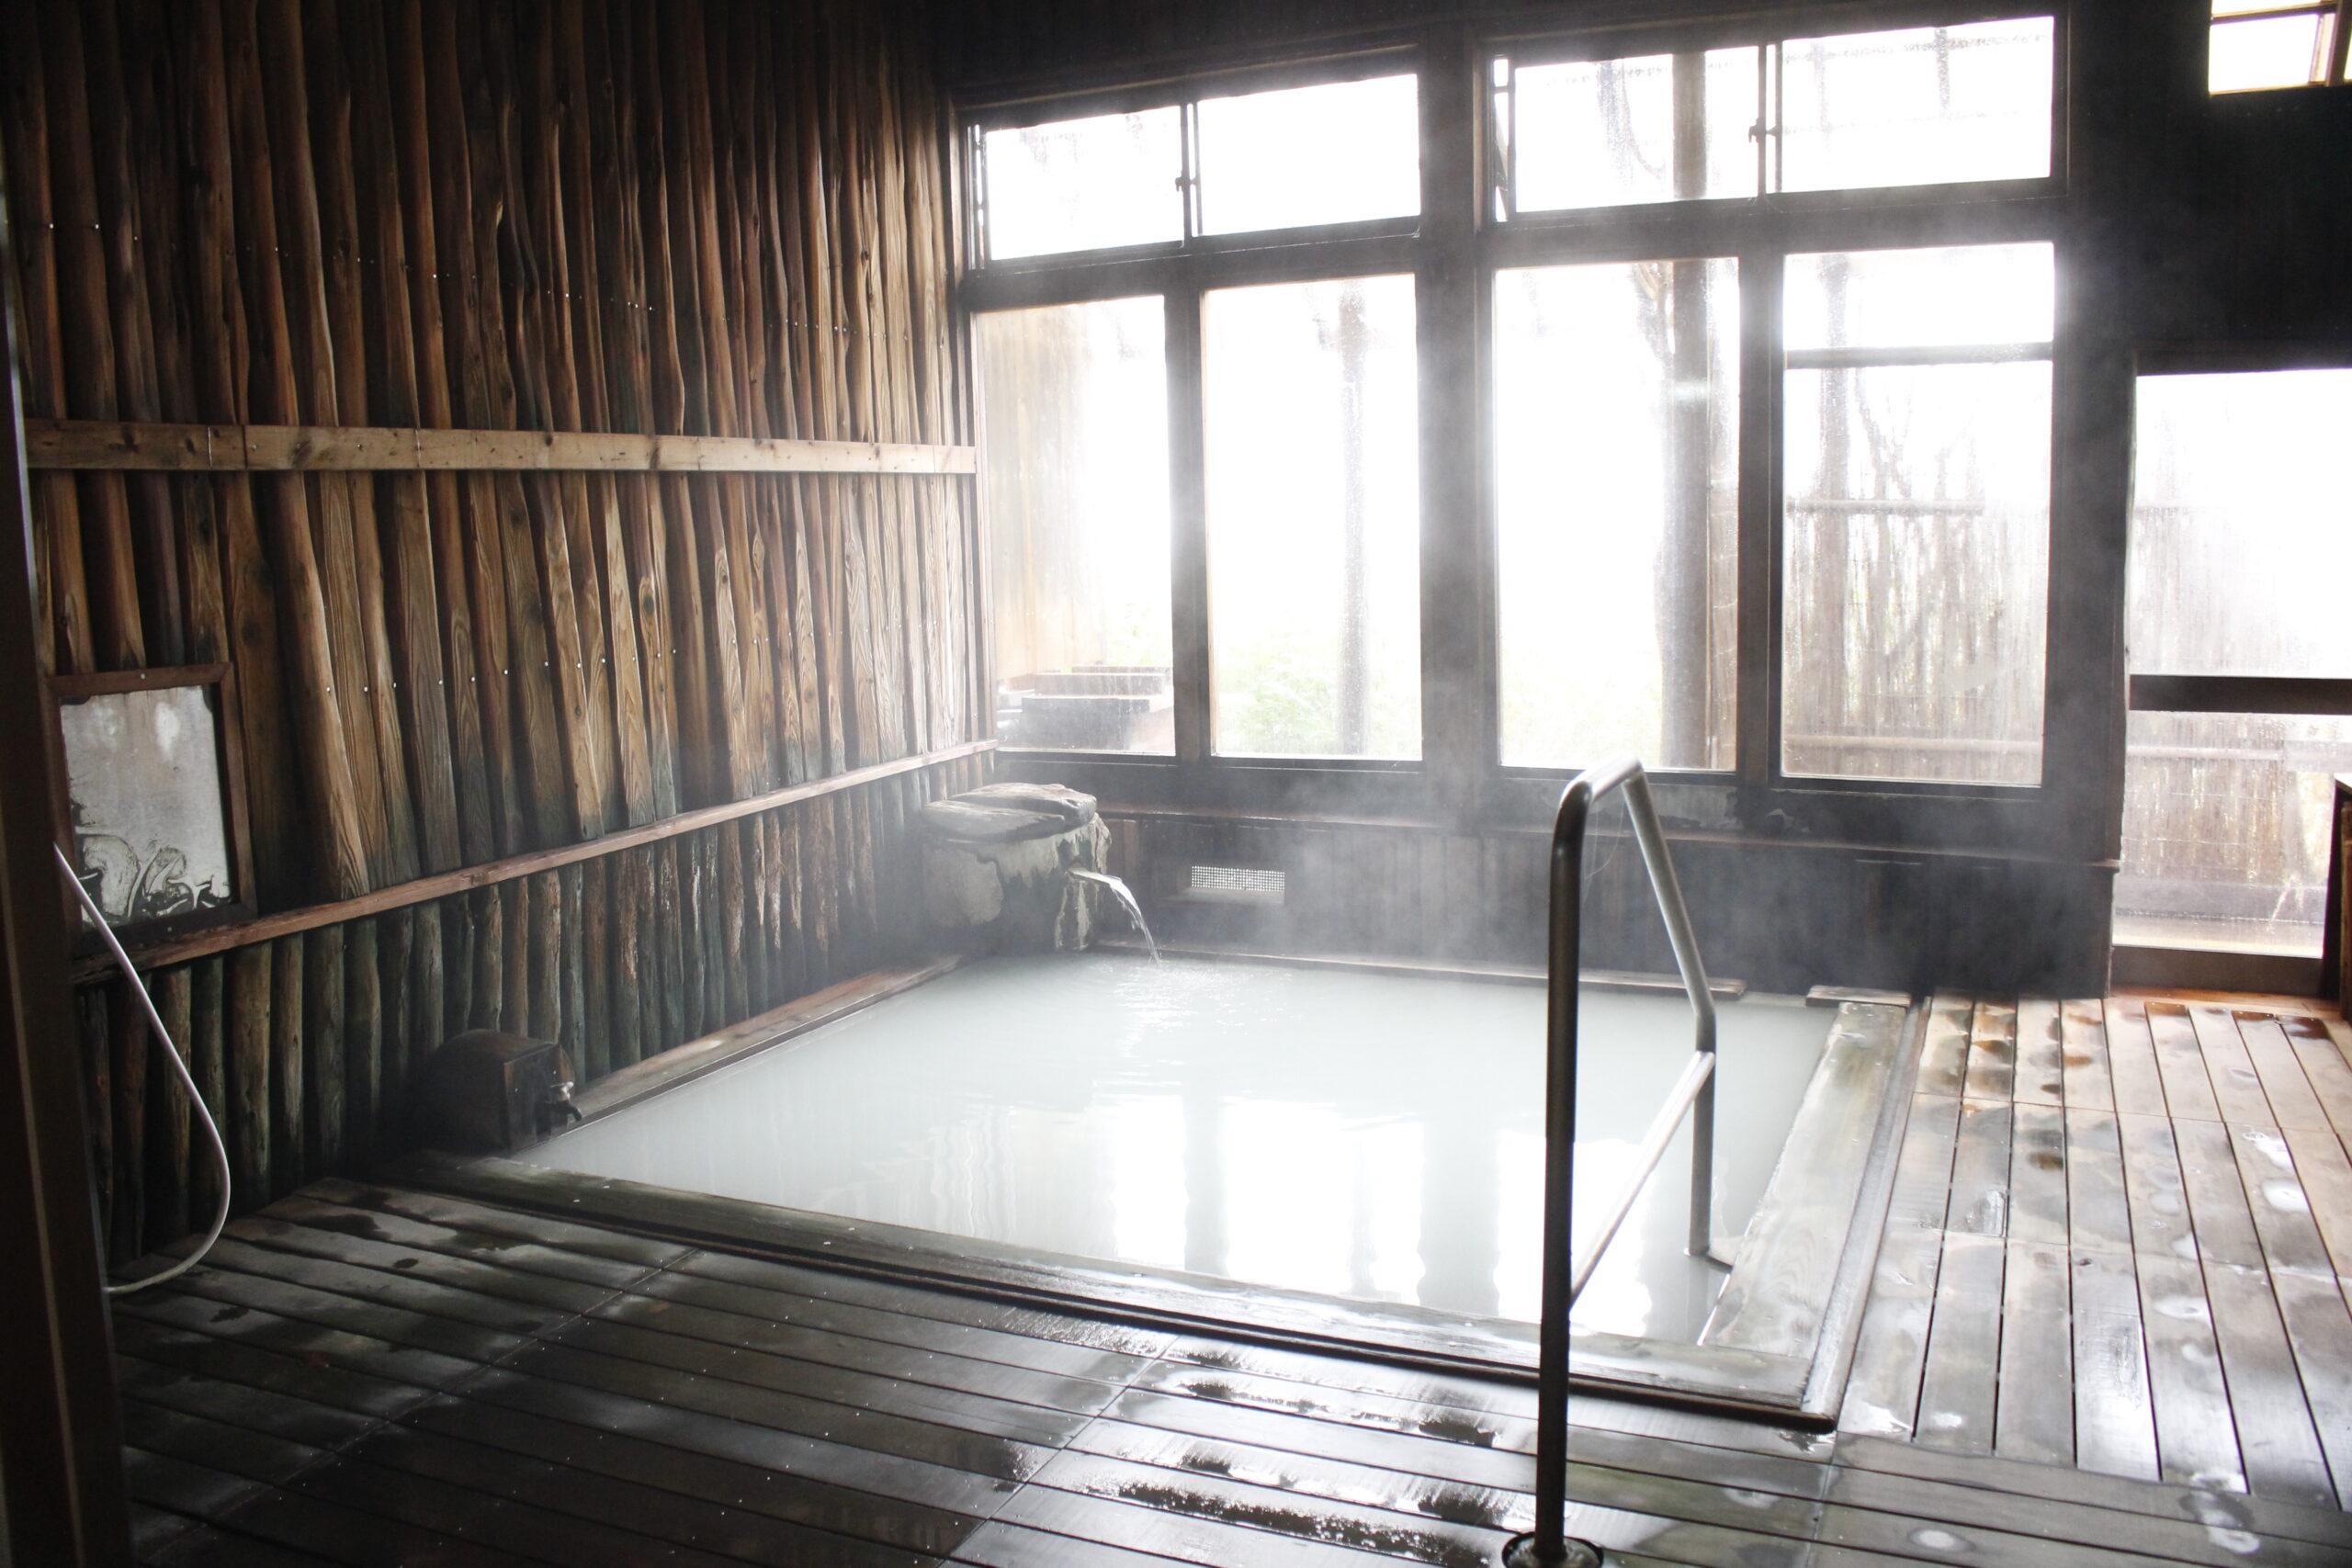 秘湯がひしめく「土湯峠温泉郷」探訪 Vol.1「野地温泉」「 新野地温泉」